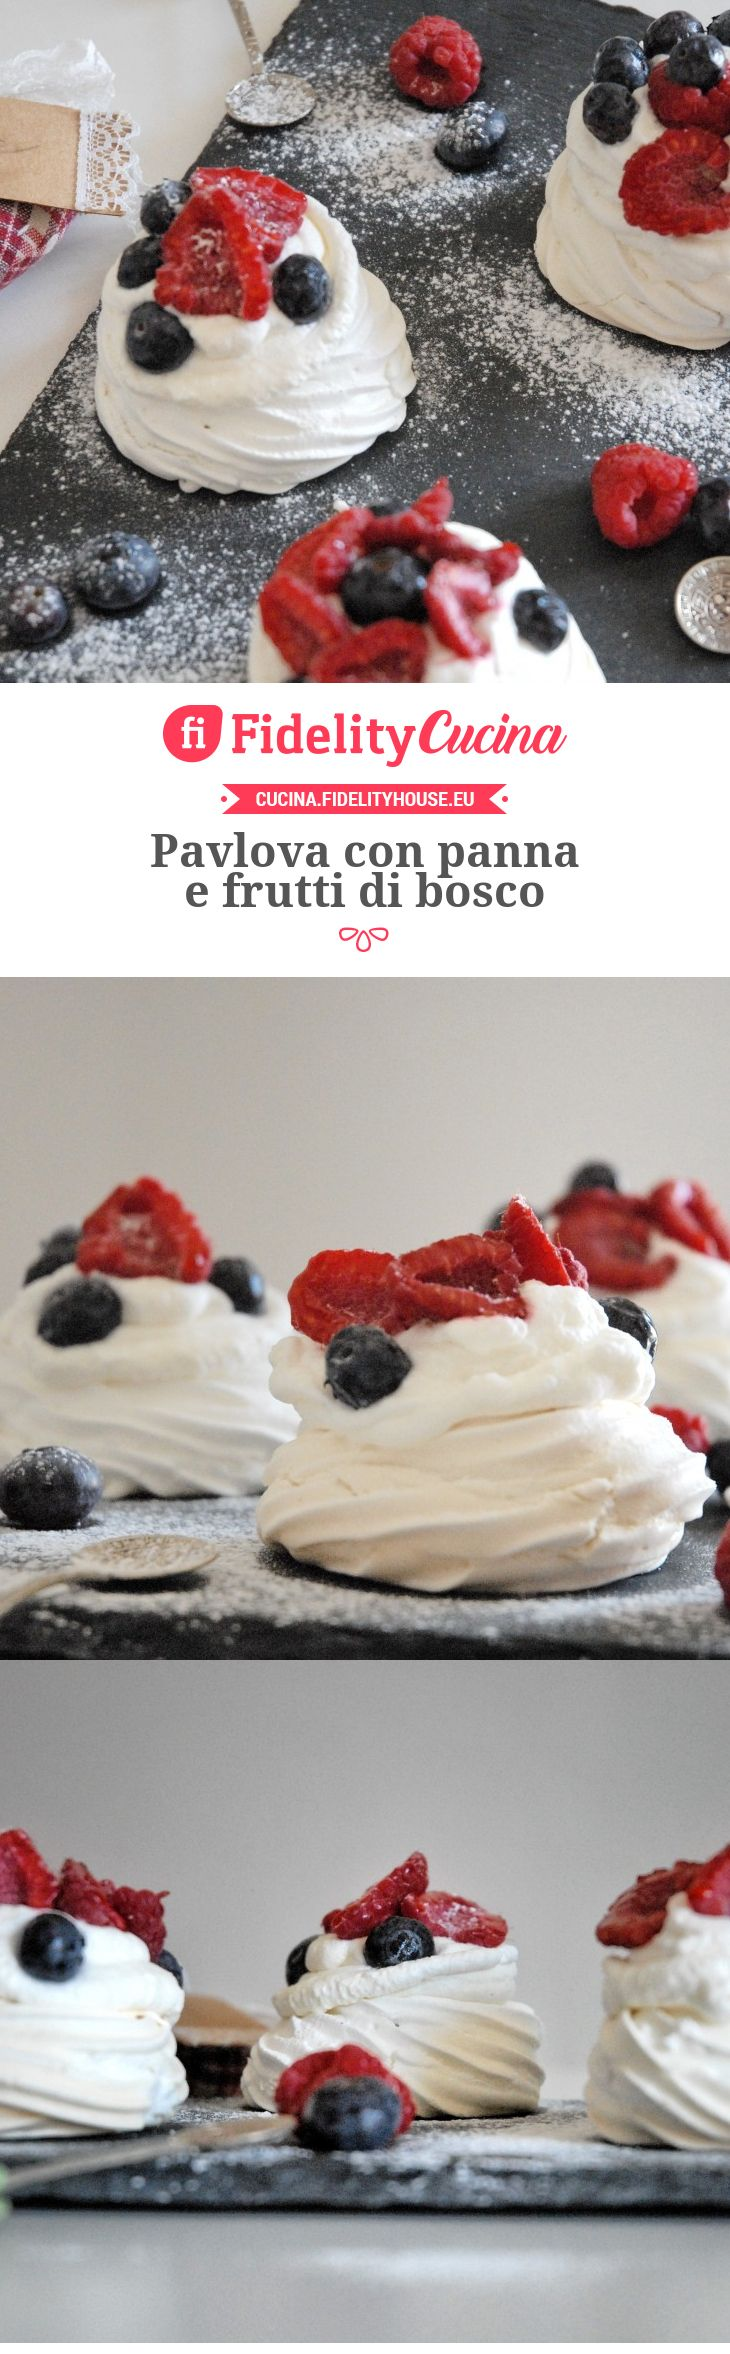 Pavlova con panna e frutti di bosco